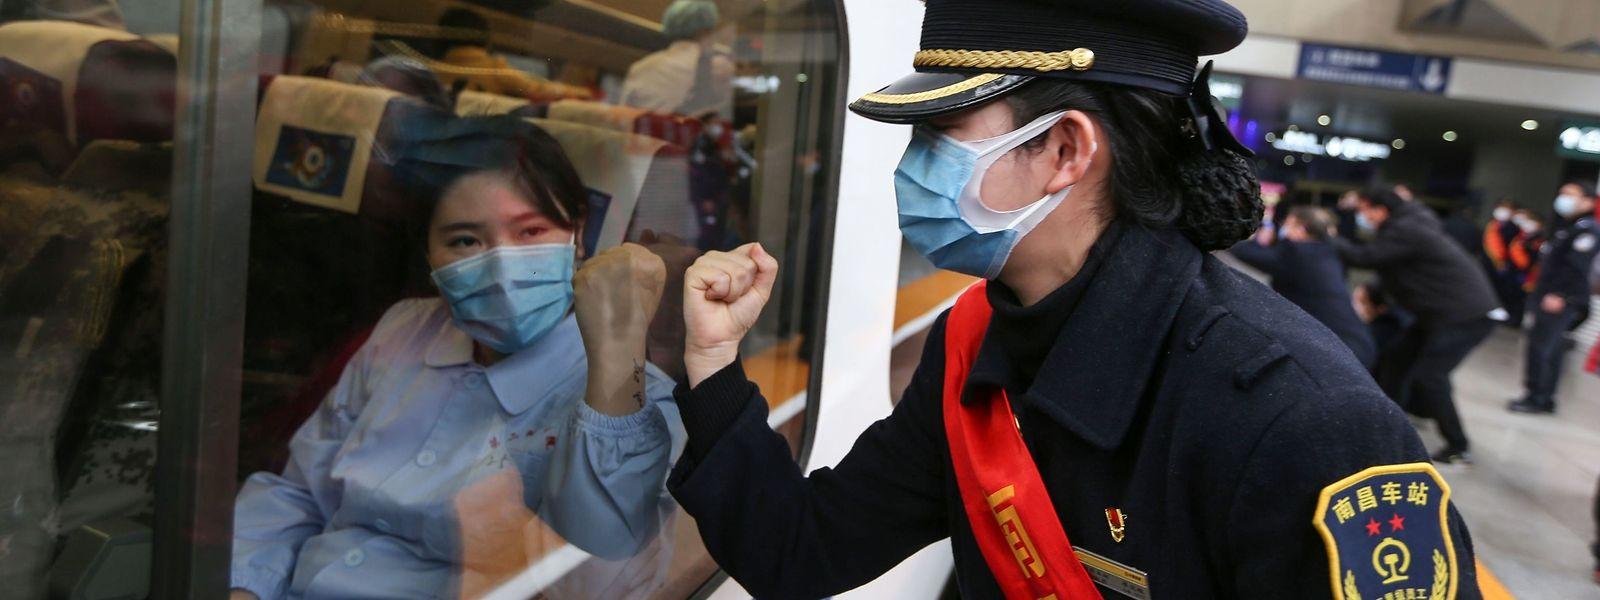 """""""Macht das Virus platt"""": Eine Zugbegleiterin verabschiedet medizinisches Fachpersonal, das von Nanchang ins Krisengebiet nach Wuhan reist."""